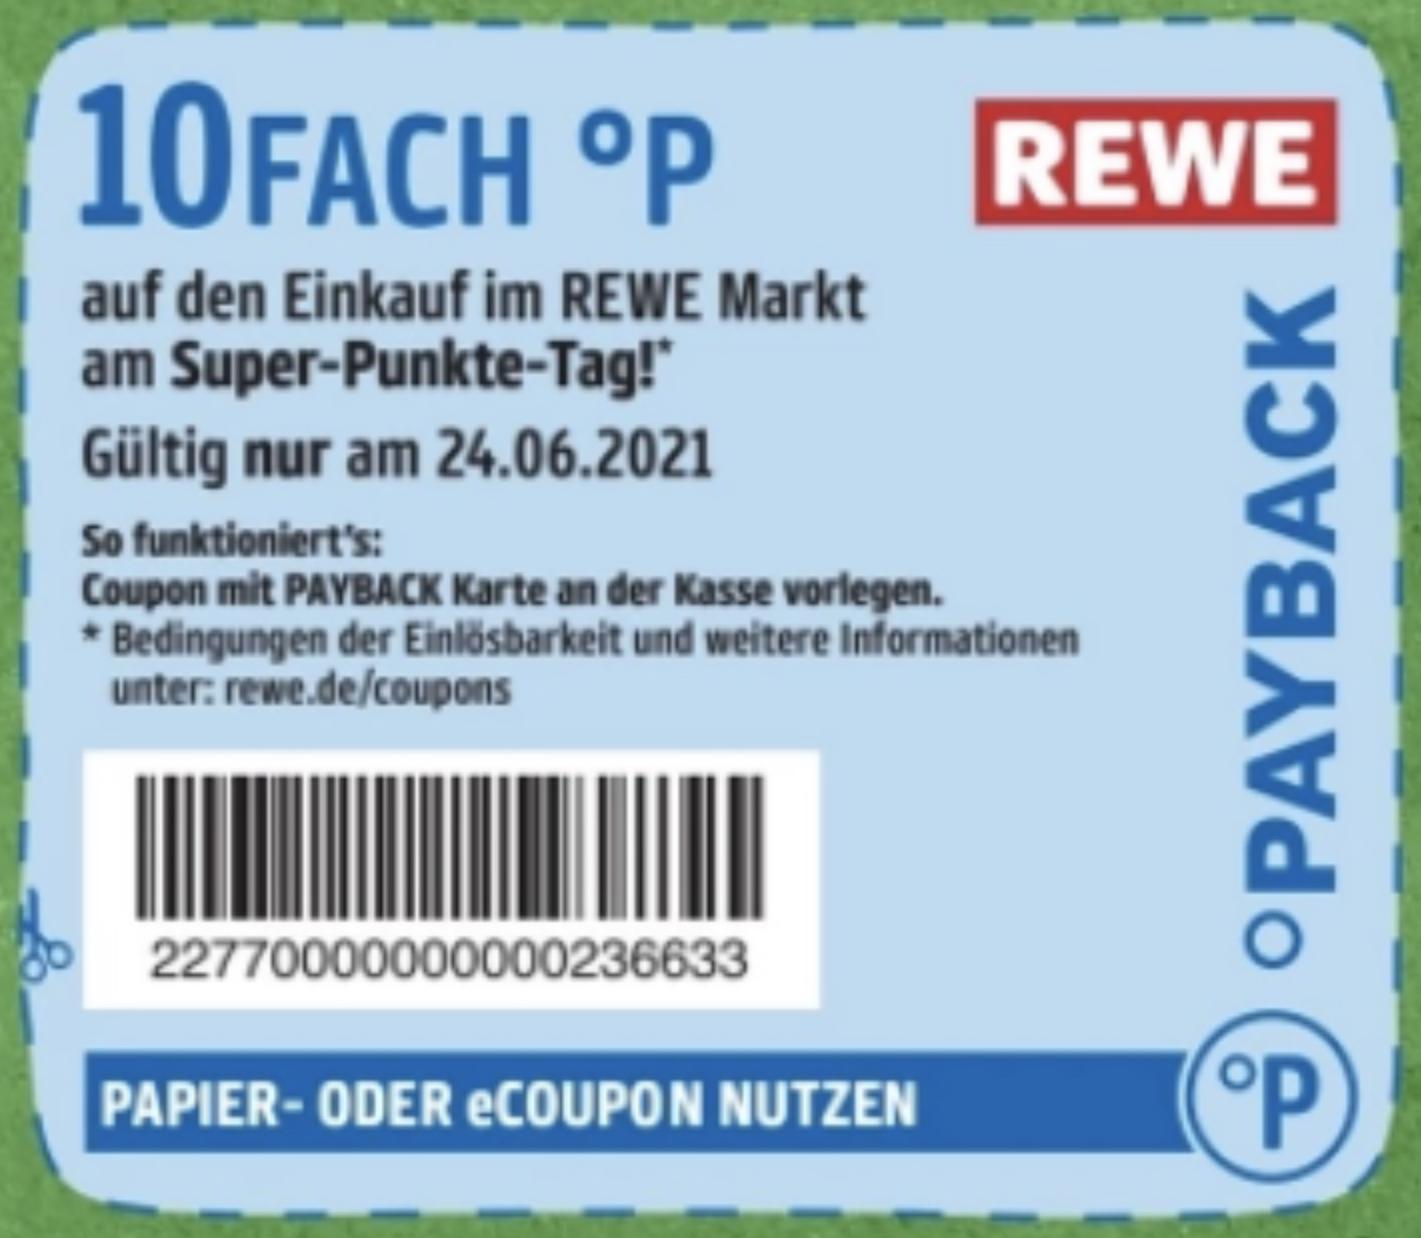 REWE Super-Punkte-Tag: 10-fach Payback Punkte auf den gesamten Einkauf am 24.06.